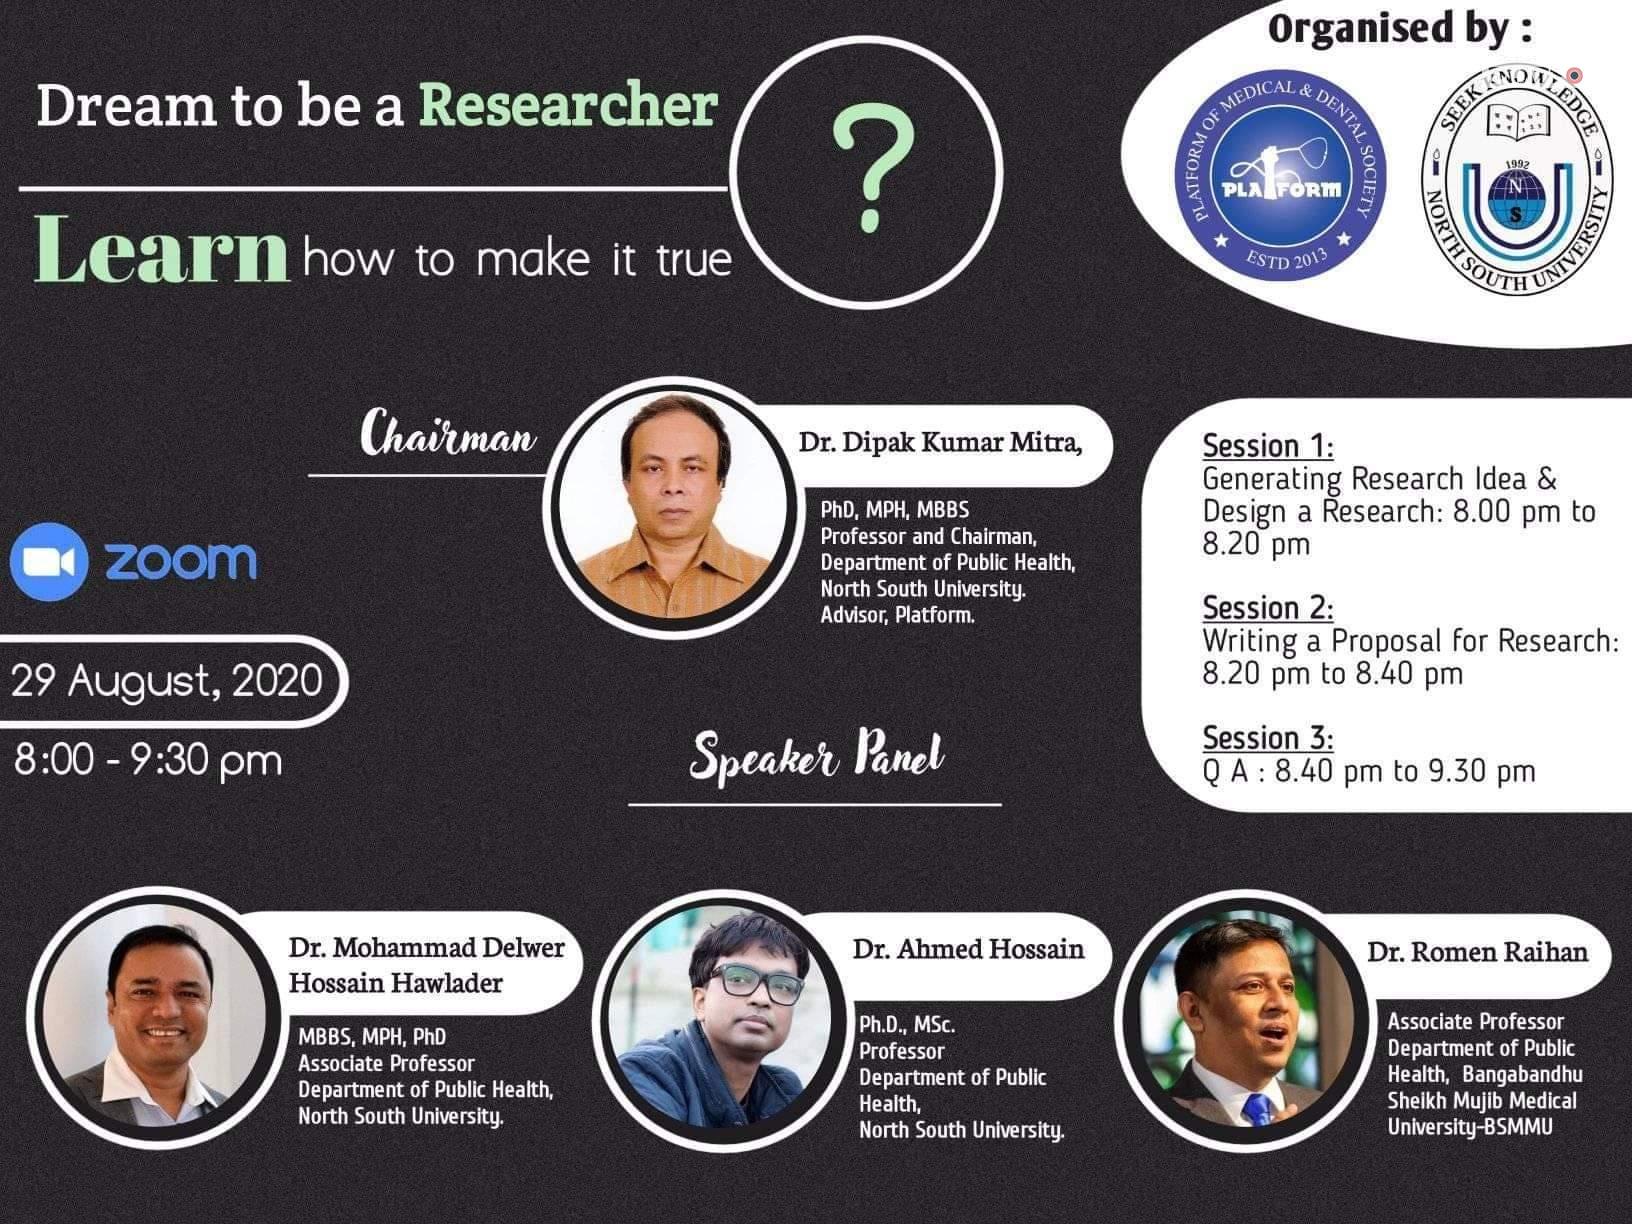 """প্ল্যাটফর্ম ও নর্থ সাউথ বিশ্ববিদ্যালয়ের যৌথ উদ্যোগে ওয়েবিনার: """"Dream to be a Researcher"""""""